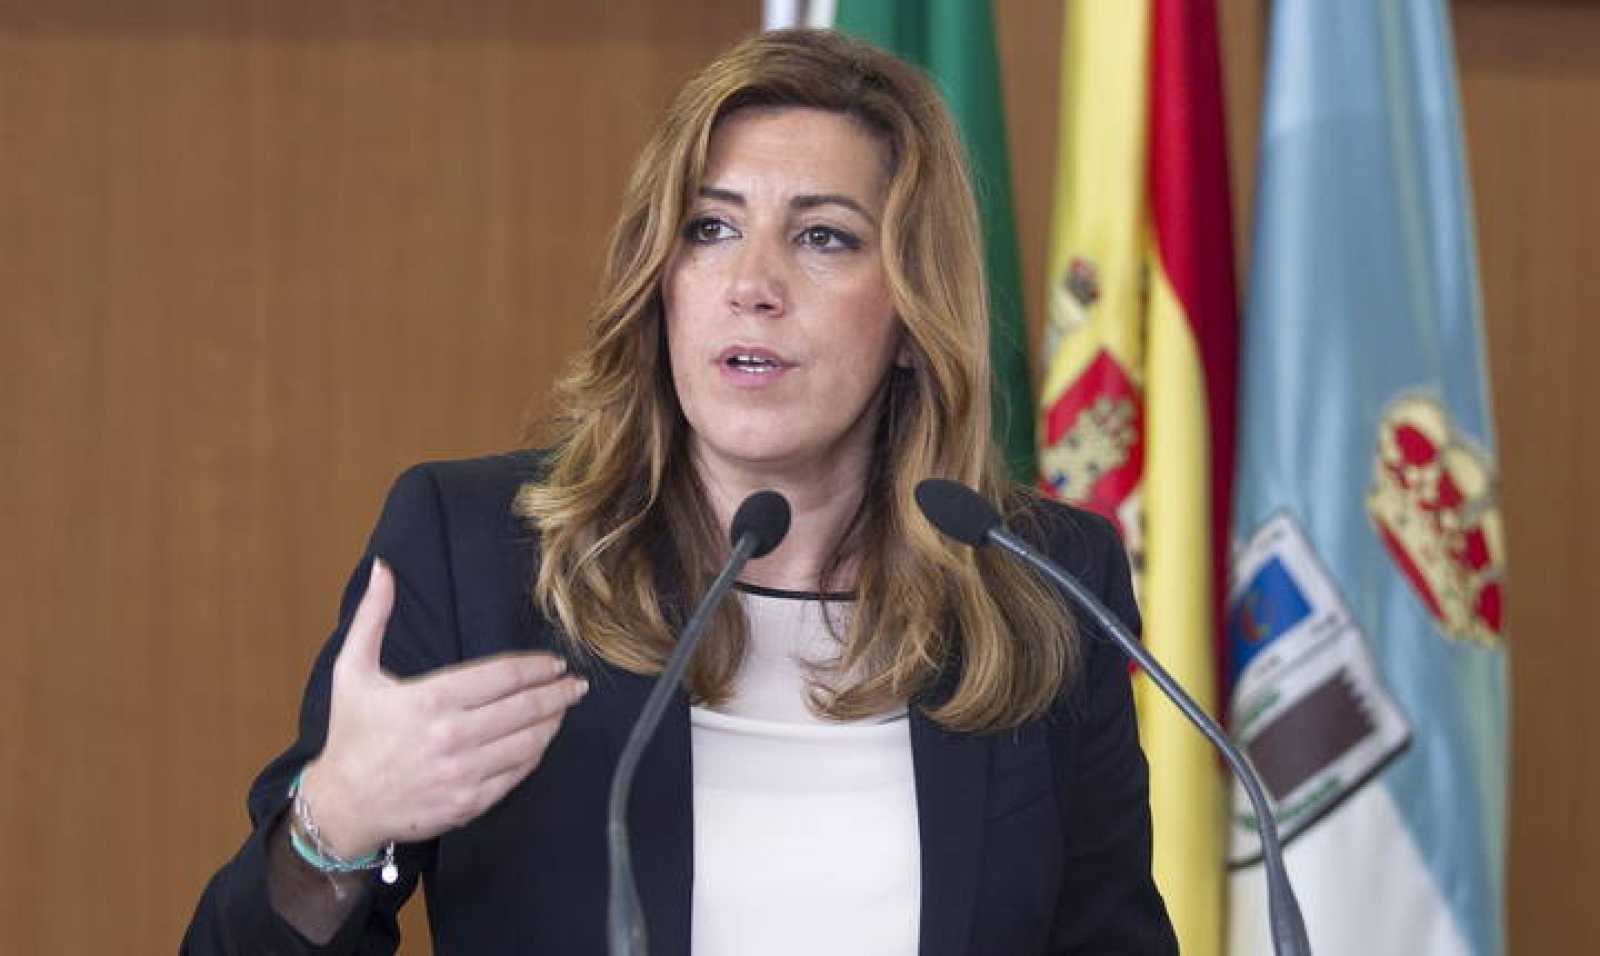 La presidenta de la Junta de Andalucía, Susana Díaz, en una imagen de archivo.